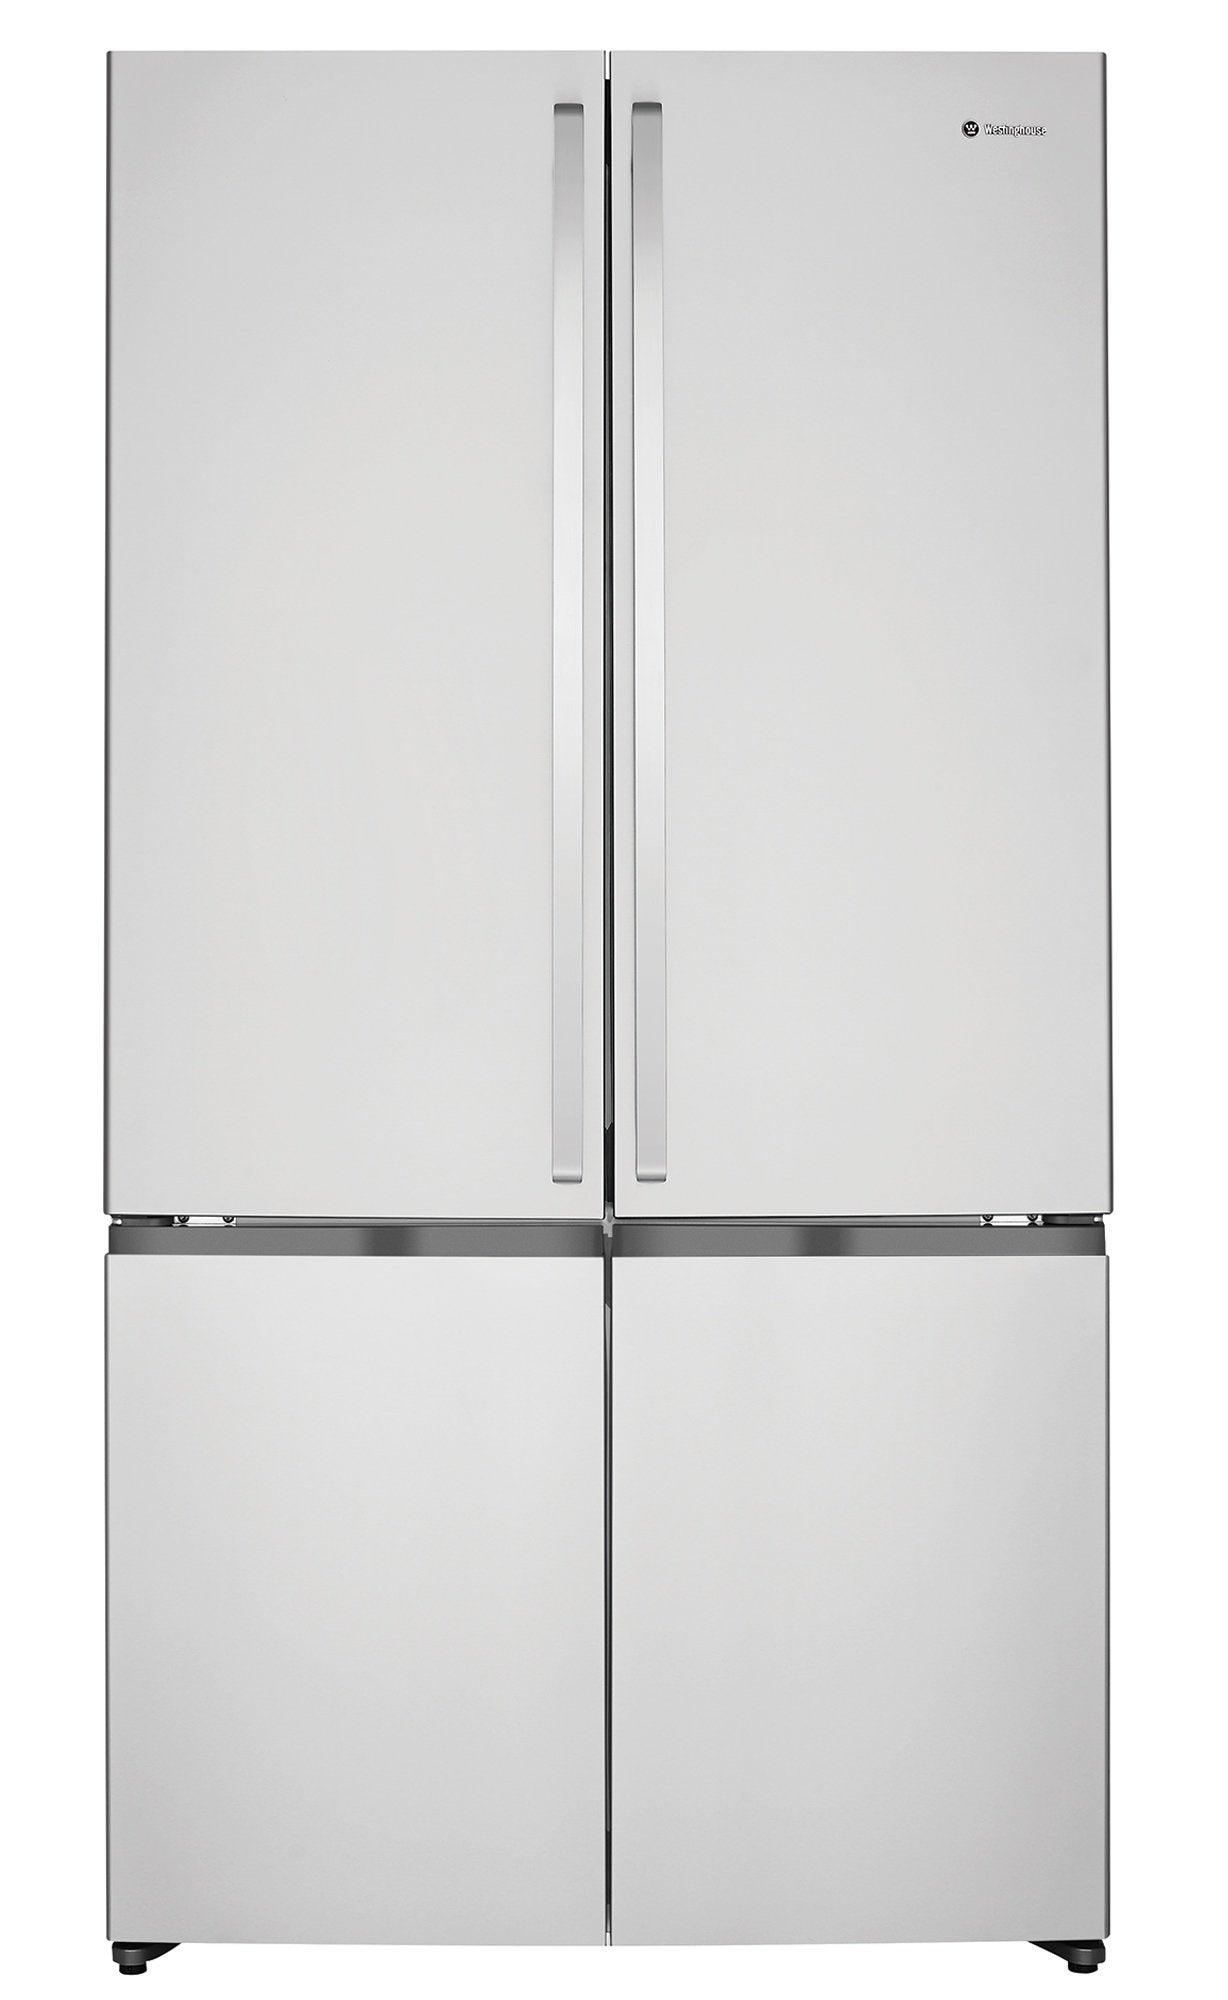 Westinghouse WQE6000SA Refrigerator